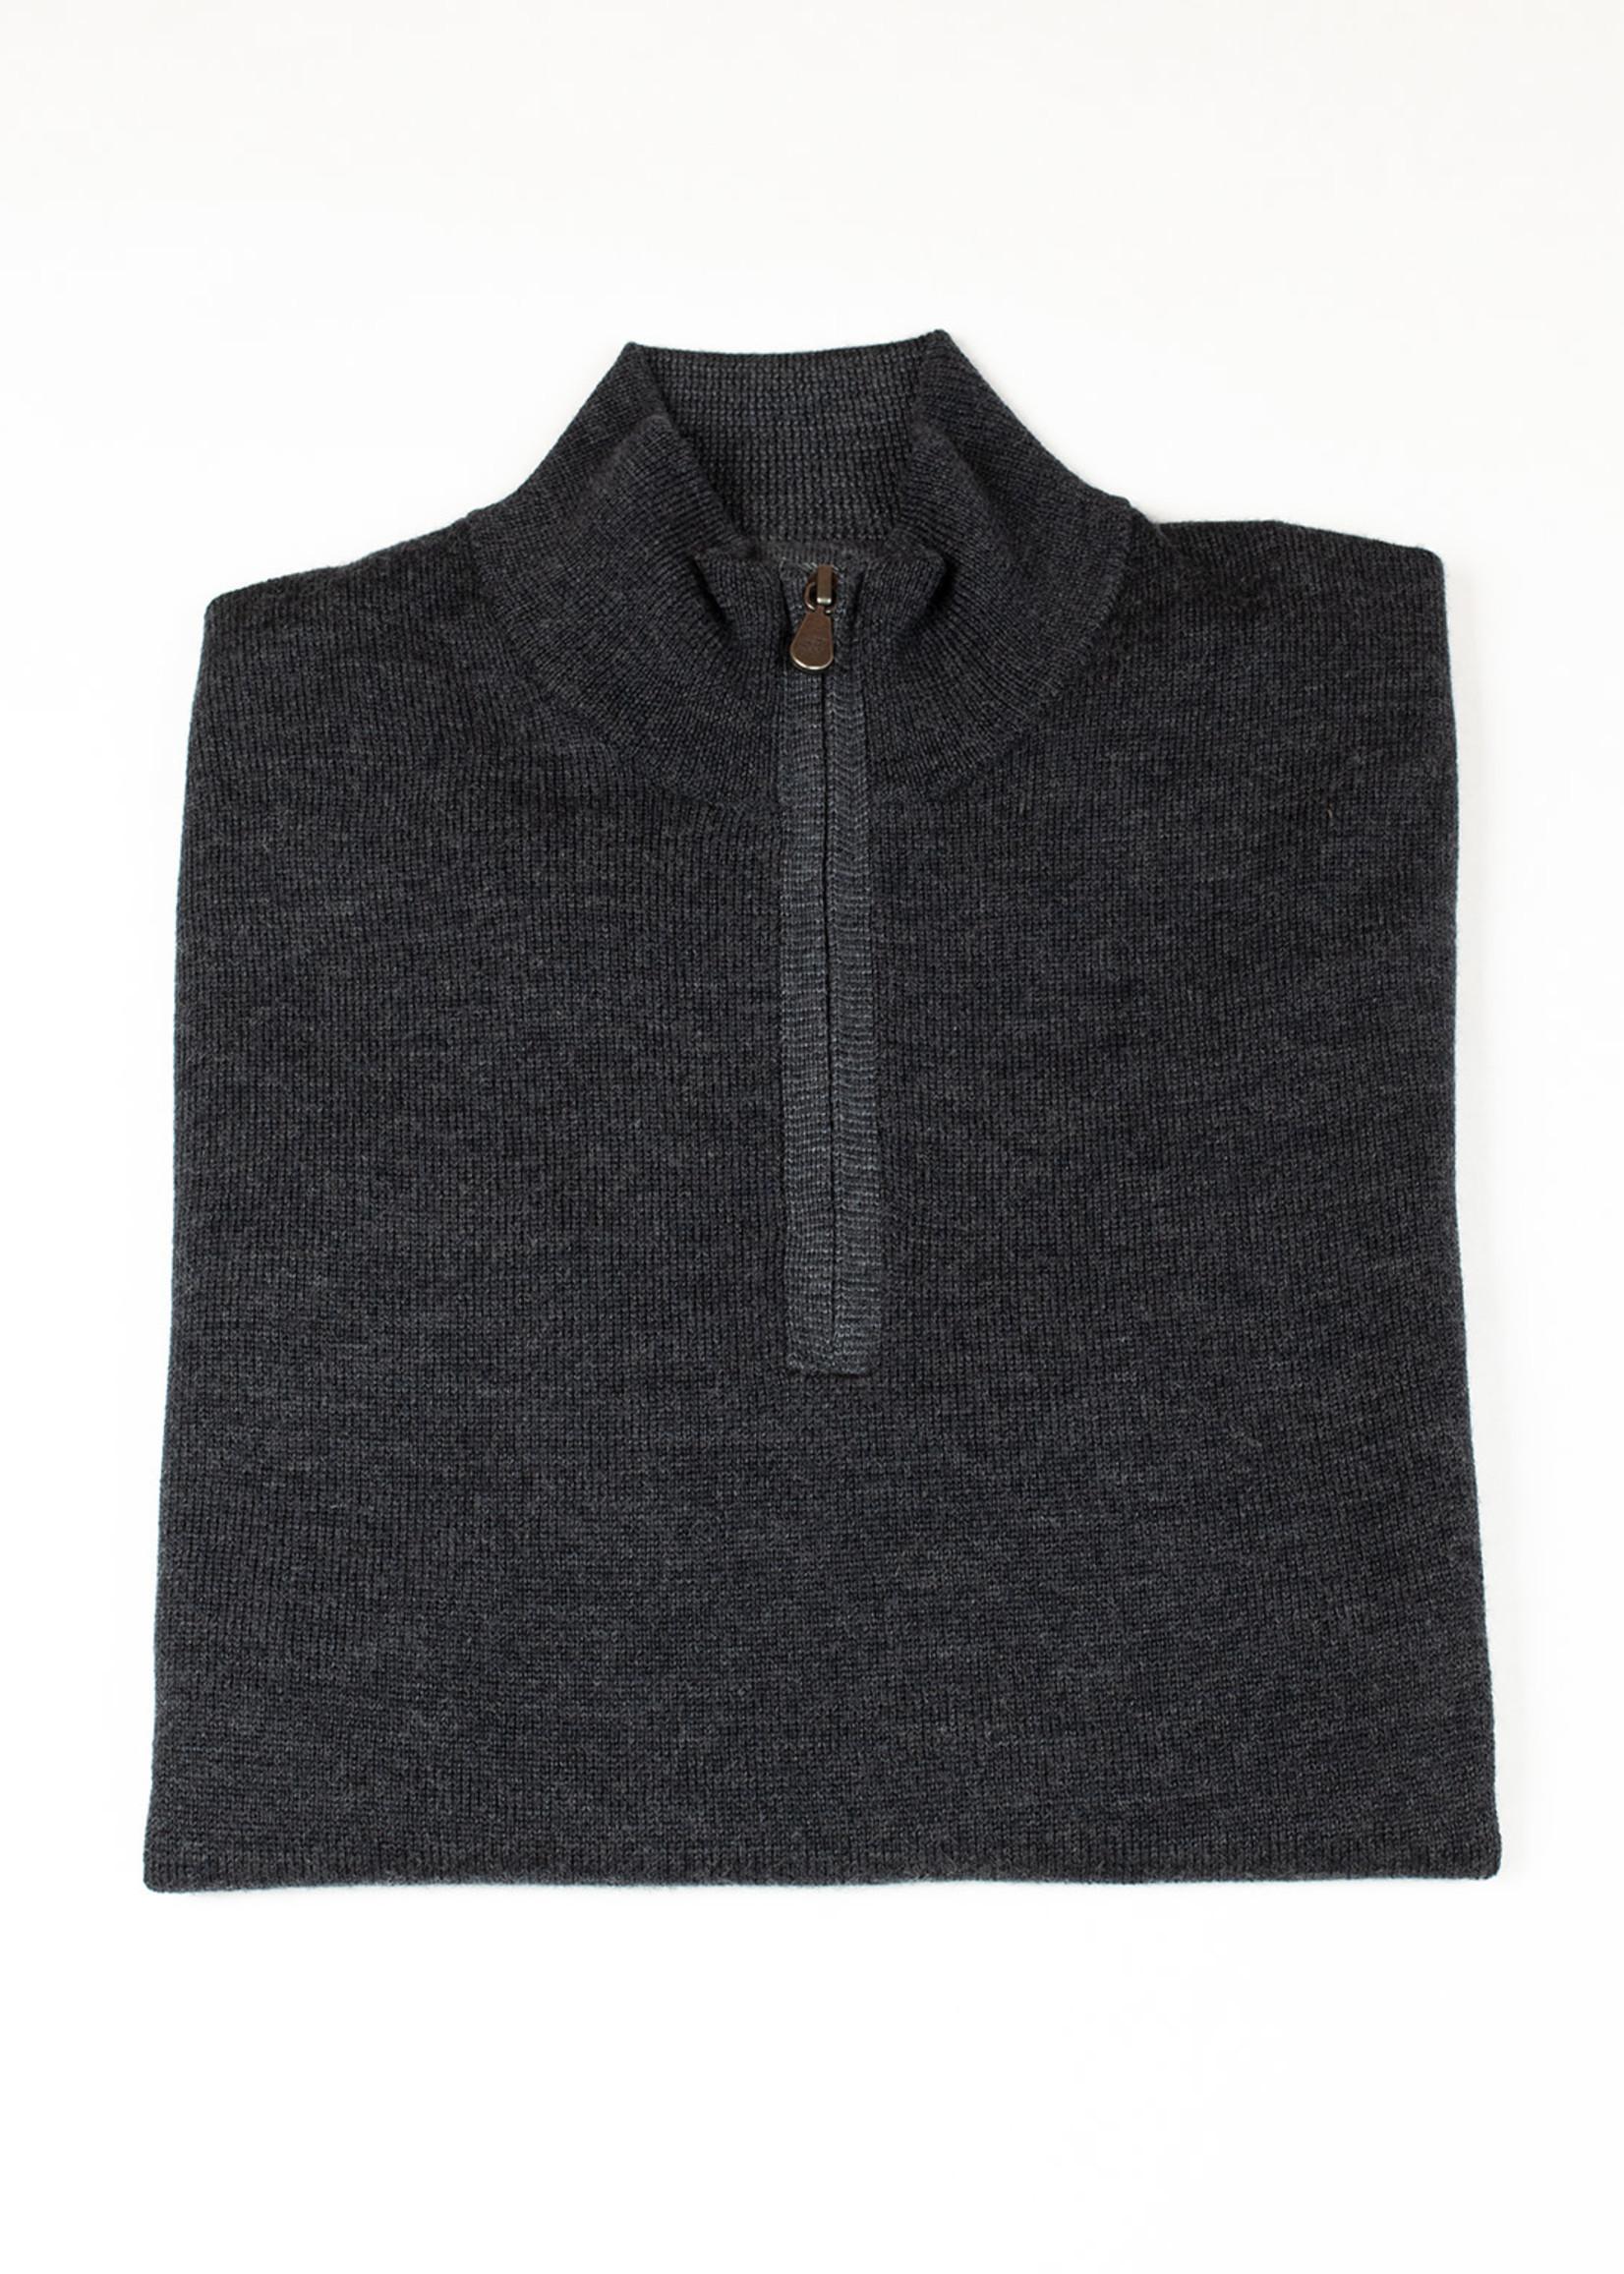 Raffi Iron Merino Wool 1/4 Zip by Raffi